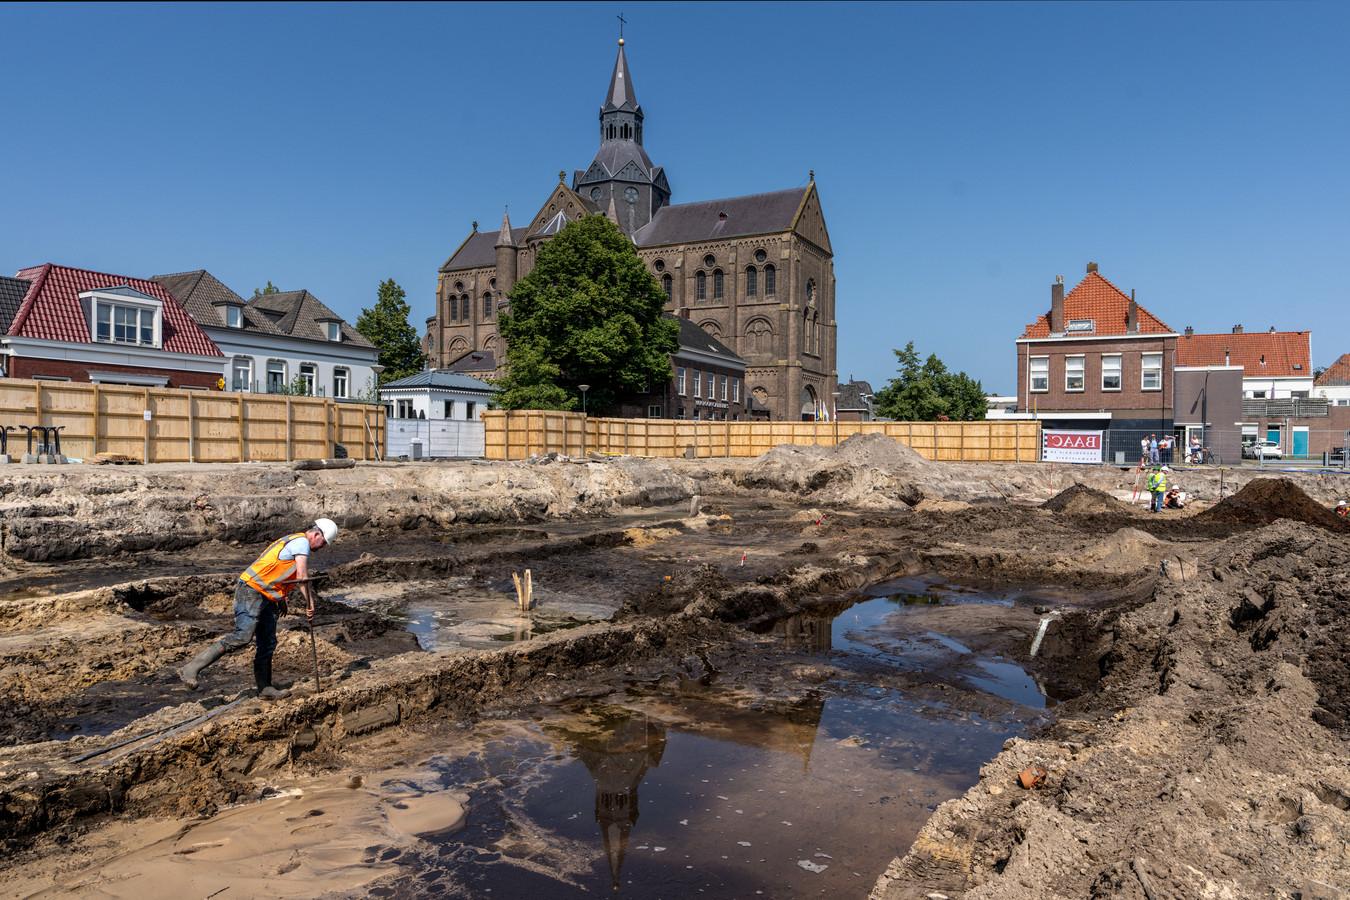 Aan de voet van de voormalige Petruskerk vond de afgelopen weken een grootse archeologische opgraving plaats. Het winkelcentrum is gesloopt en wordt vervangen.